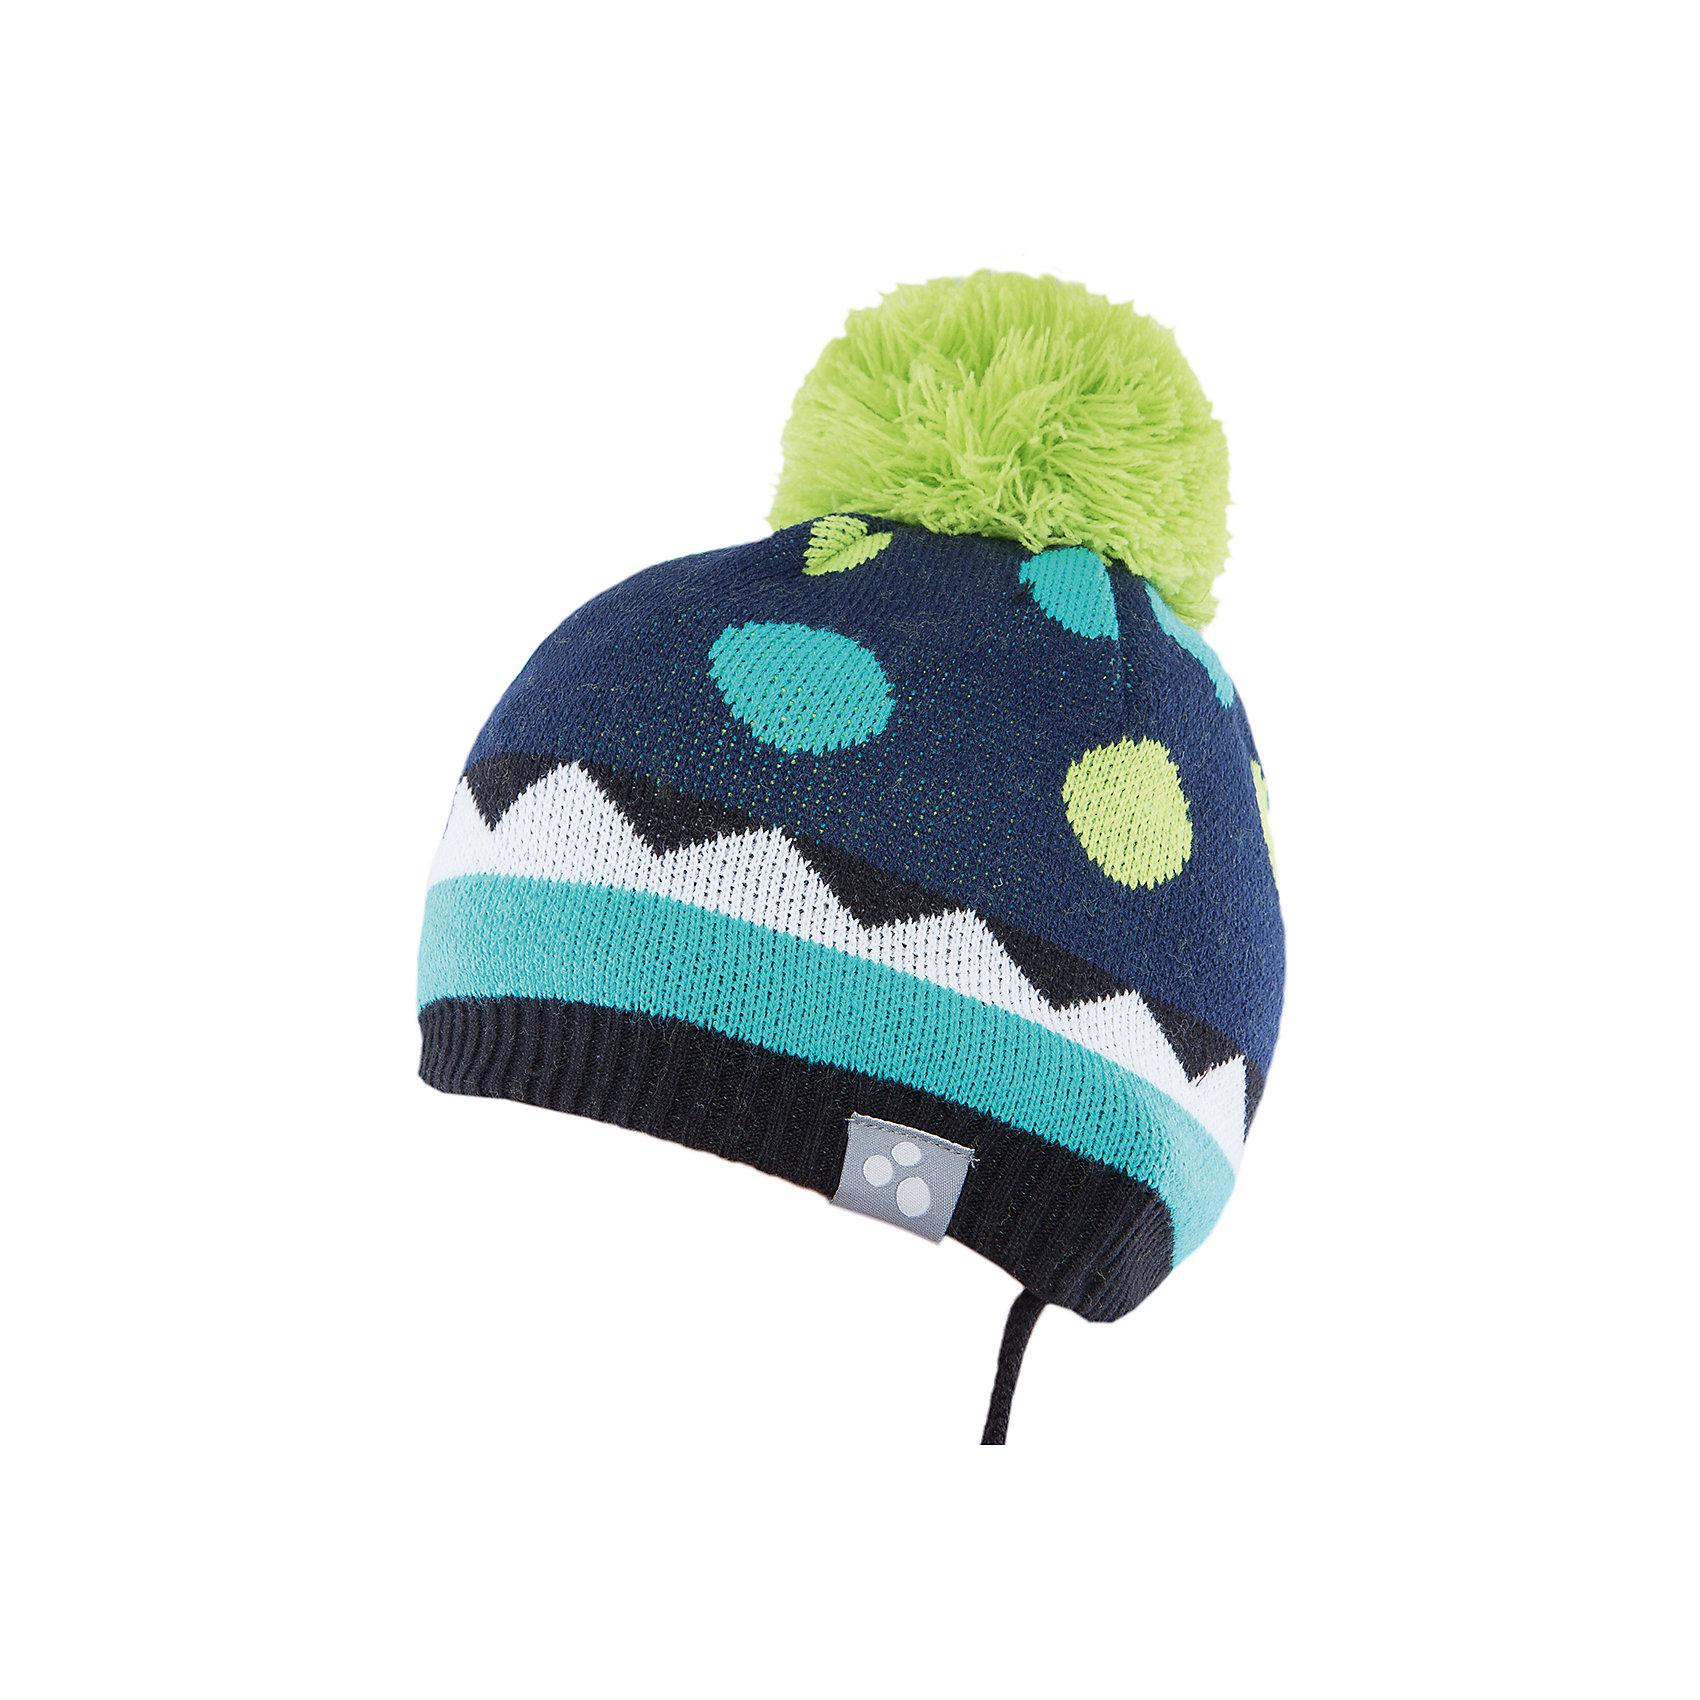 Шапка  HuppaЗимние<br>Вязаная шапка PEETA Huppa(Хуппа) плотно прилегает к голове и хорошо защищает от морозов и ветра. Подкладка из хлопка не вызовет раздражения на коже. Шапочка украшена помпоном и геометрическим орнаментом. Есть светоотражающие элементы. В такой шапке гулять будет тепло и комфортно!<br><br>Дополнительная информация:<br>Материал: 100% акрил<br>Подкладка: 100% хлопок<br>Цвет: синий/салатовый<br><br>Вы можете приобрести шапку PEETA Huppa(Хуппа) в нашем интернет-магазине.<br><br>Ширина мм: 89<br>Глубина мм: 117<br>Высота мм: 44<br>Вес г: 155<br>Цвет: синий<br>Возраст от месяцев: 9<br>Возраст до месяцев: 12<br>Пол: Мужской<br>Возраст: Детский<br>Размер: 43-45,51-53,47-49<br>SKU: 4928938